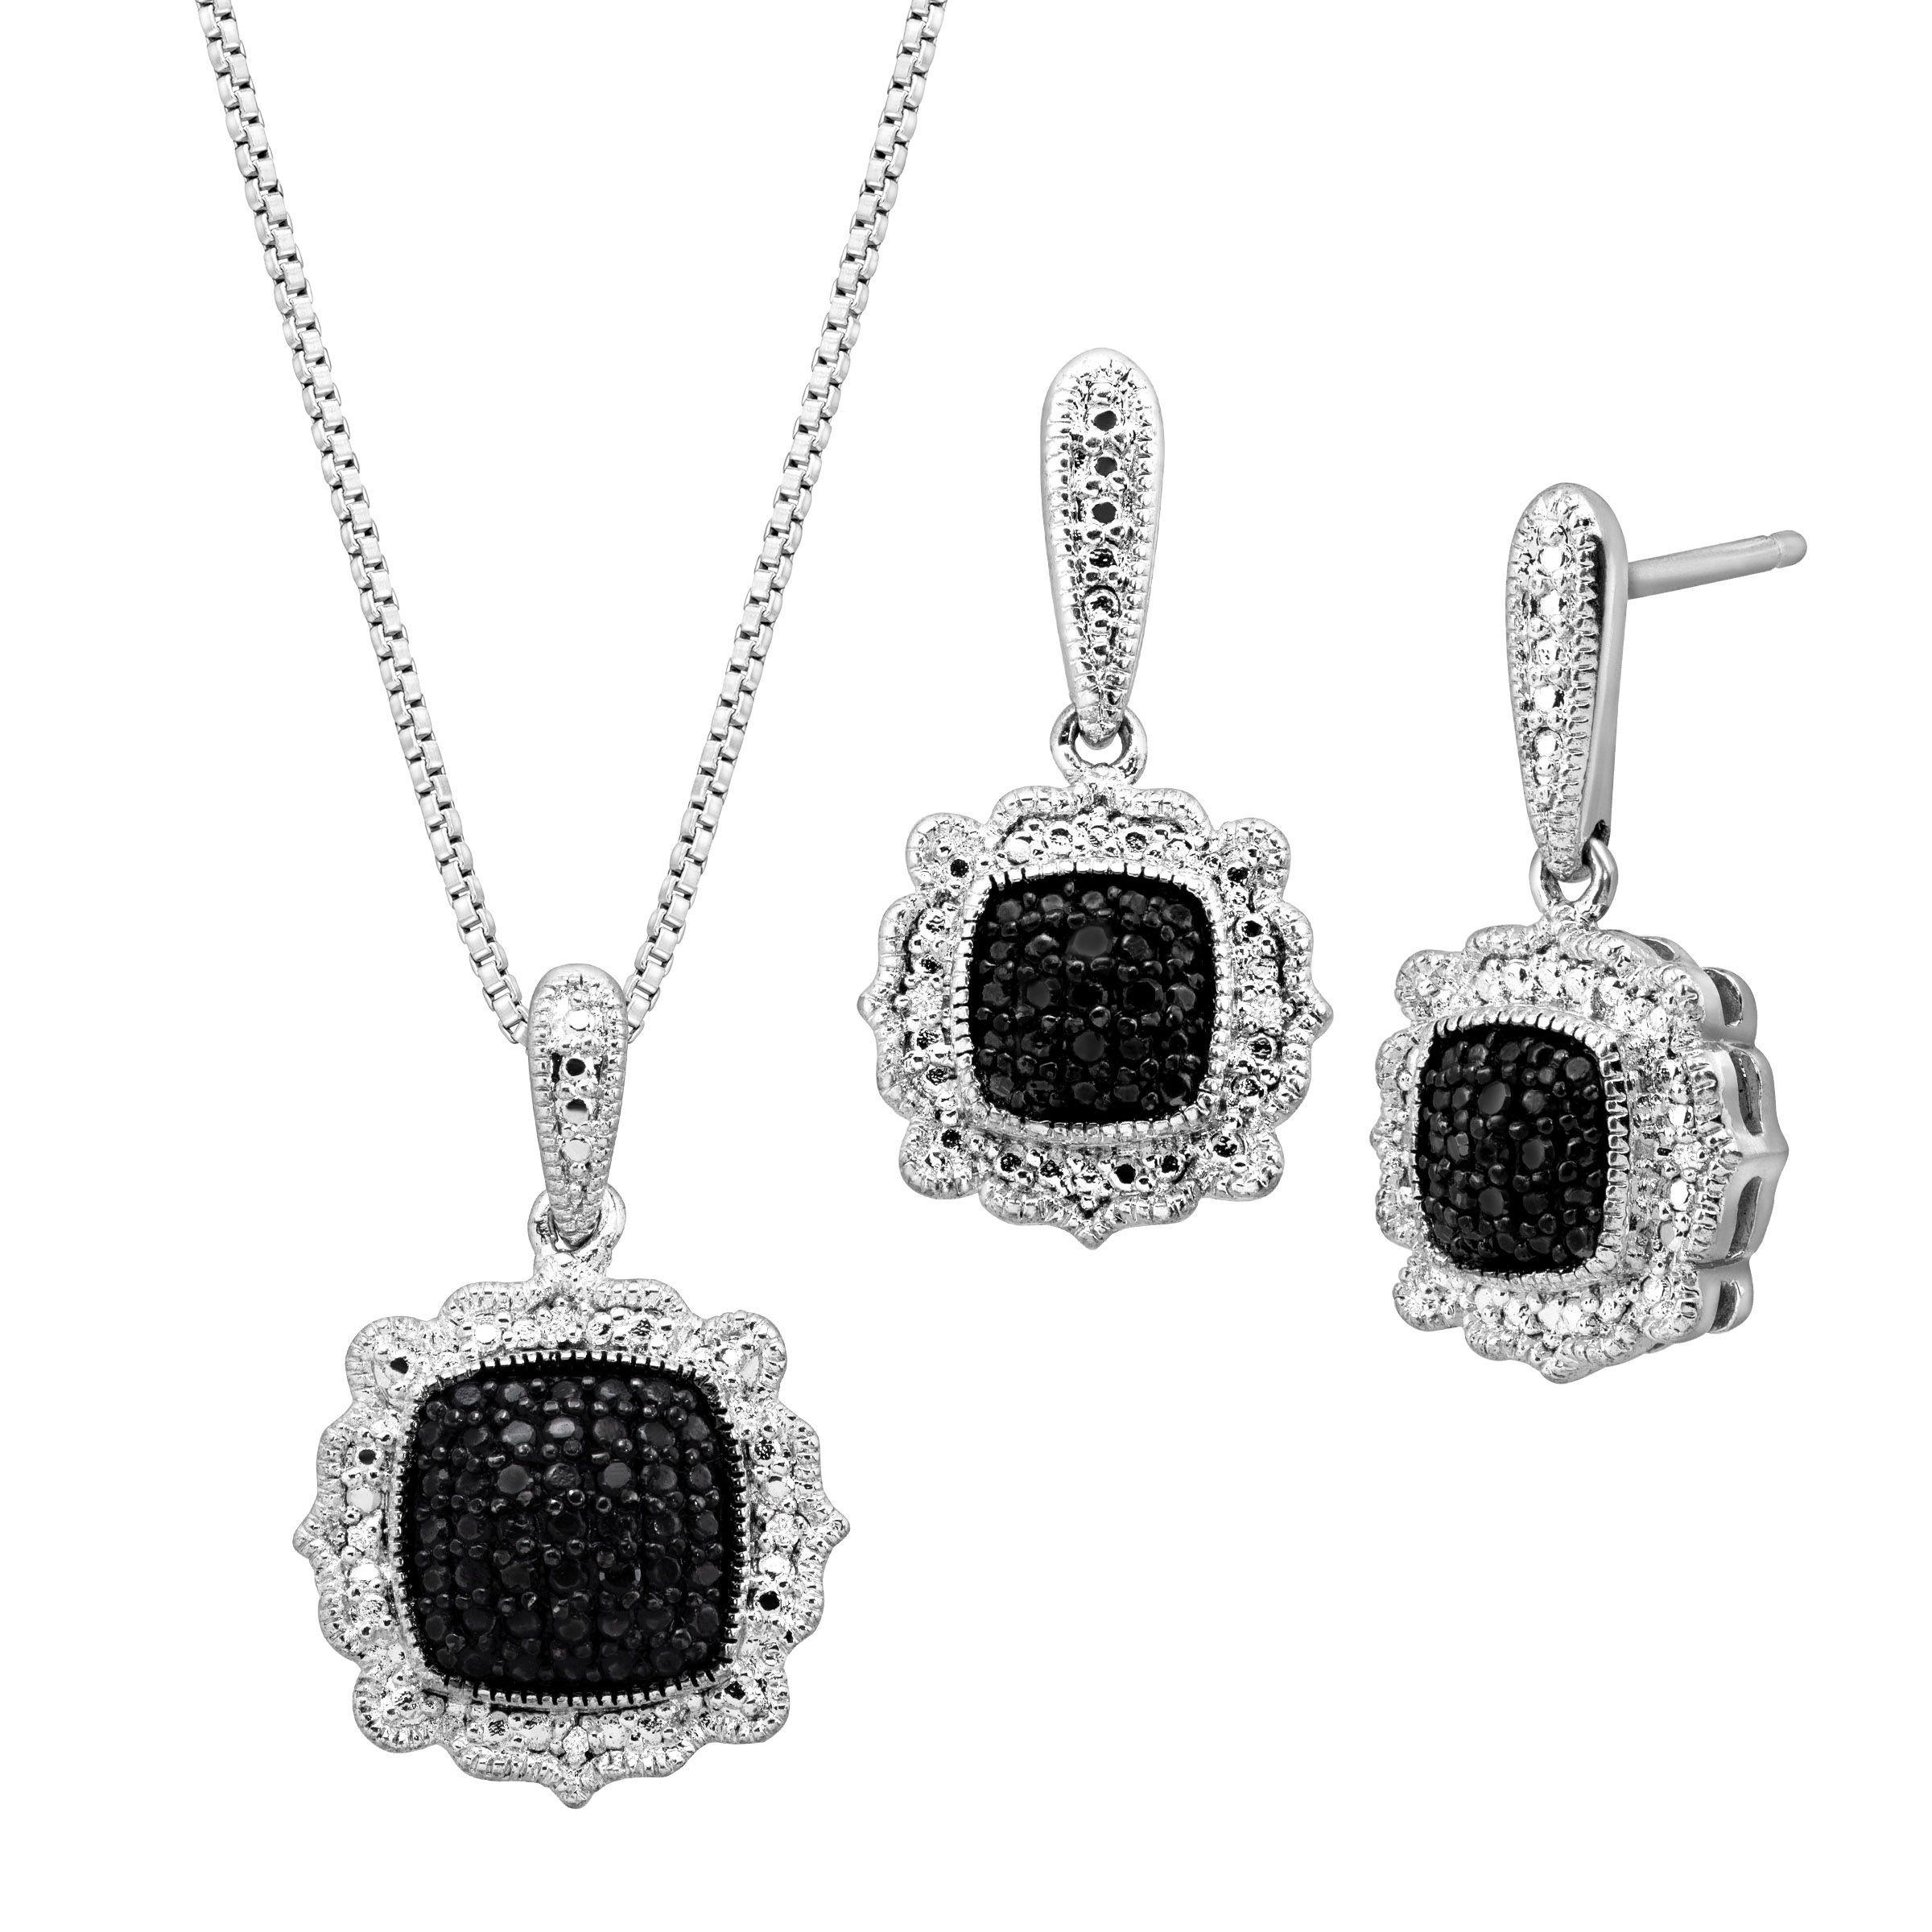 1/5 ct Black & White Diamond Jewelry Set in Rhodium-Plated ...